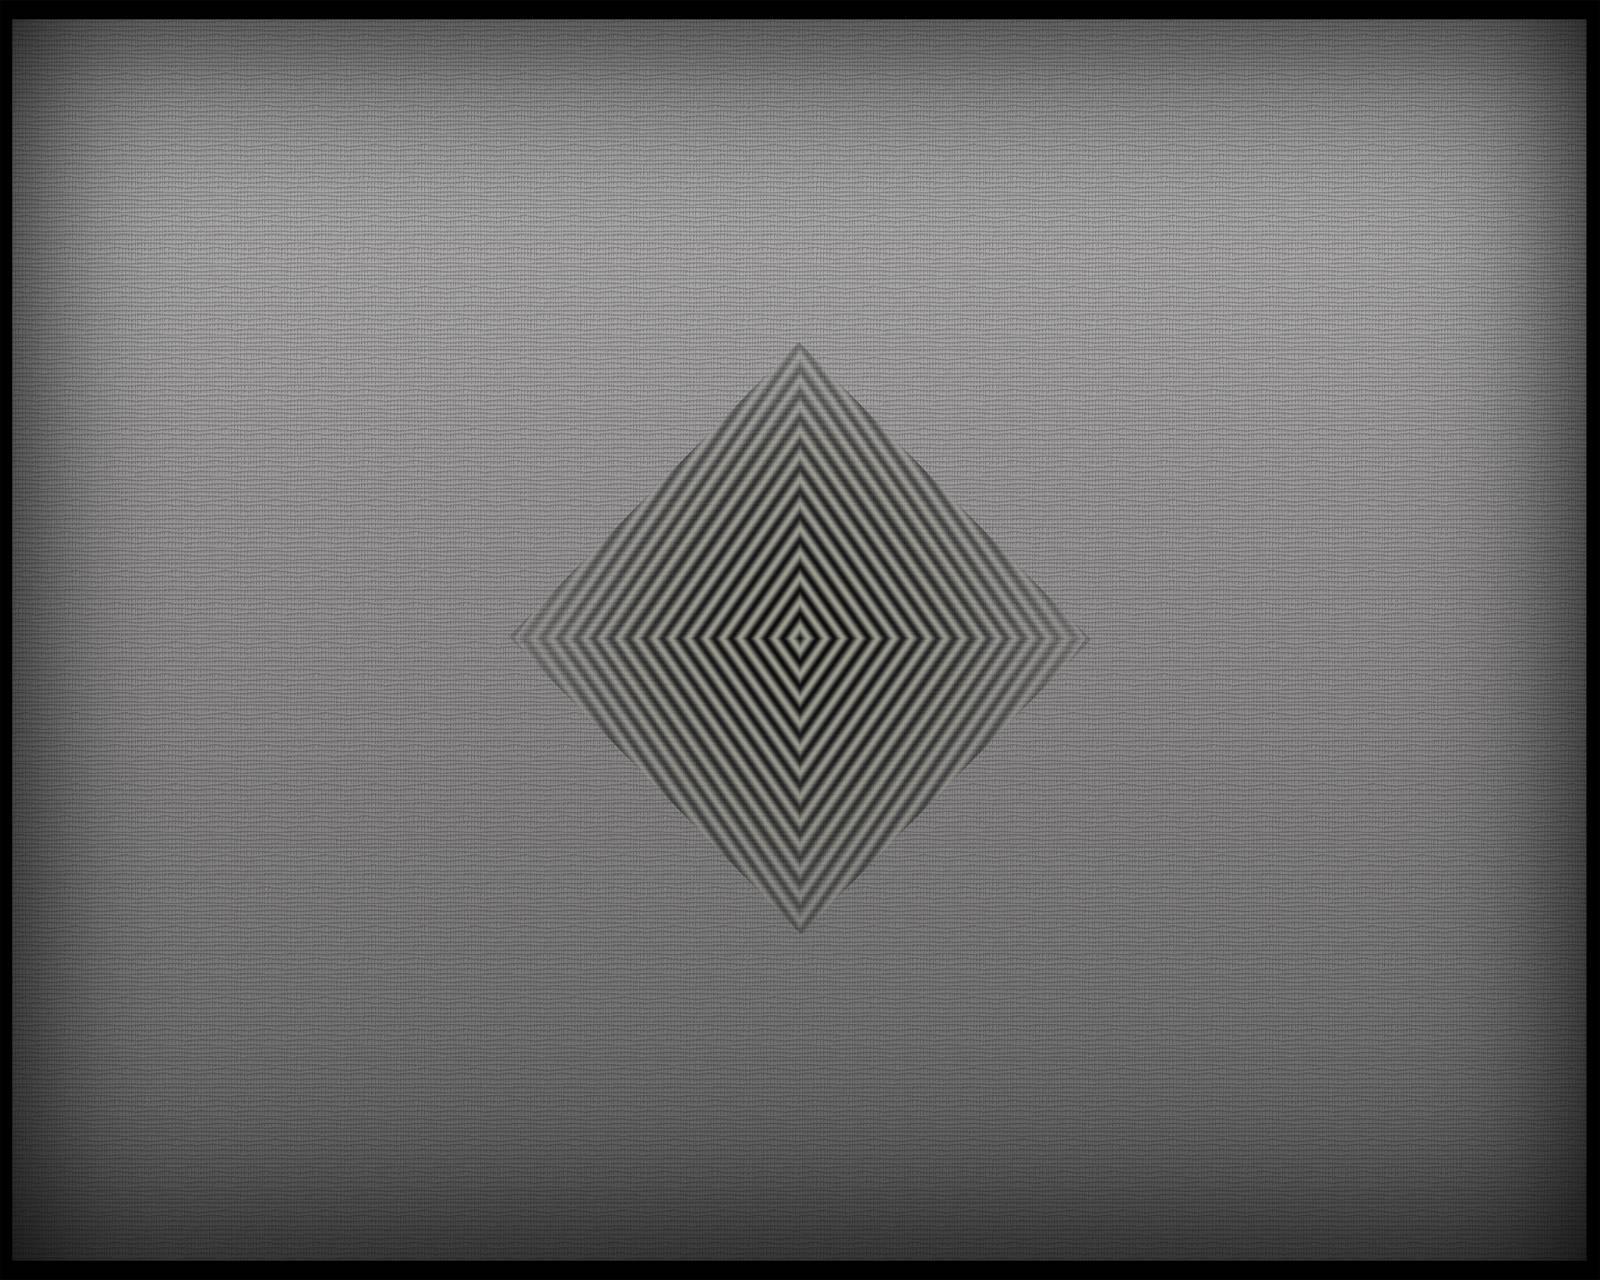 Galaxy note grey